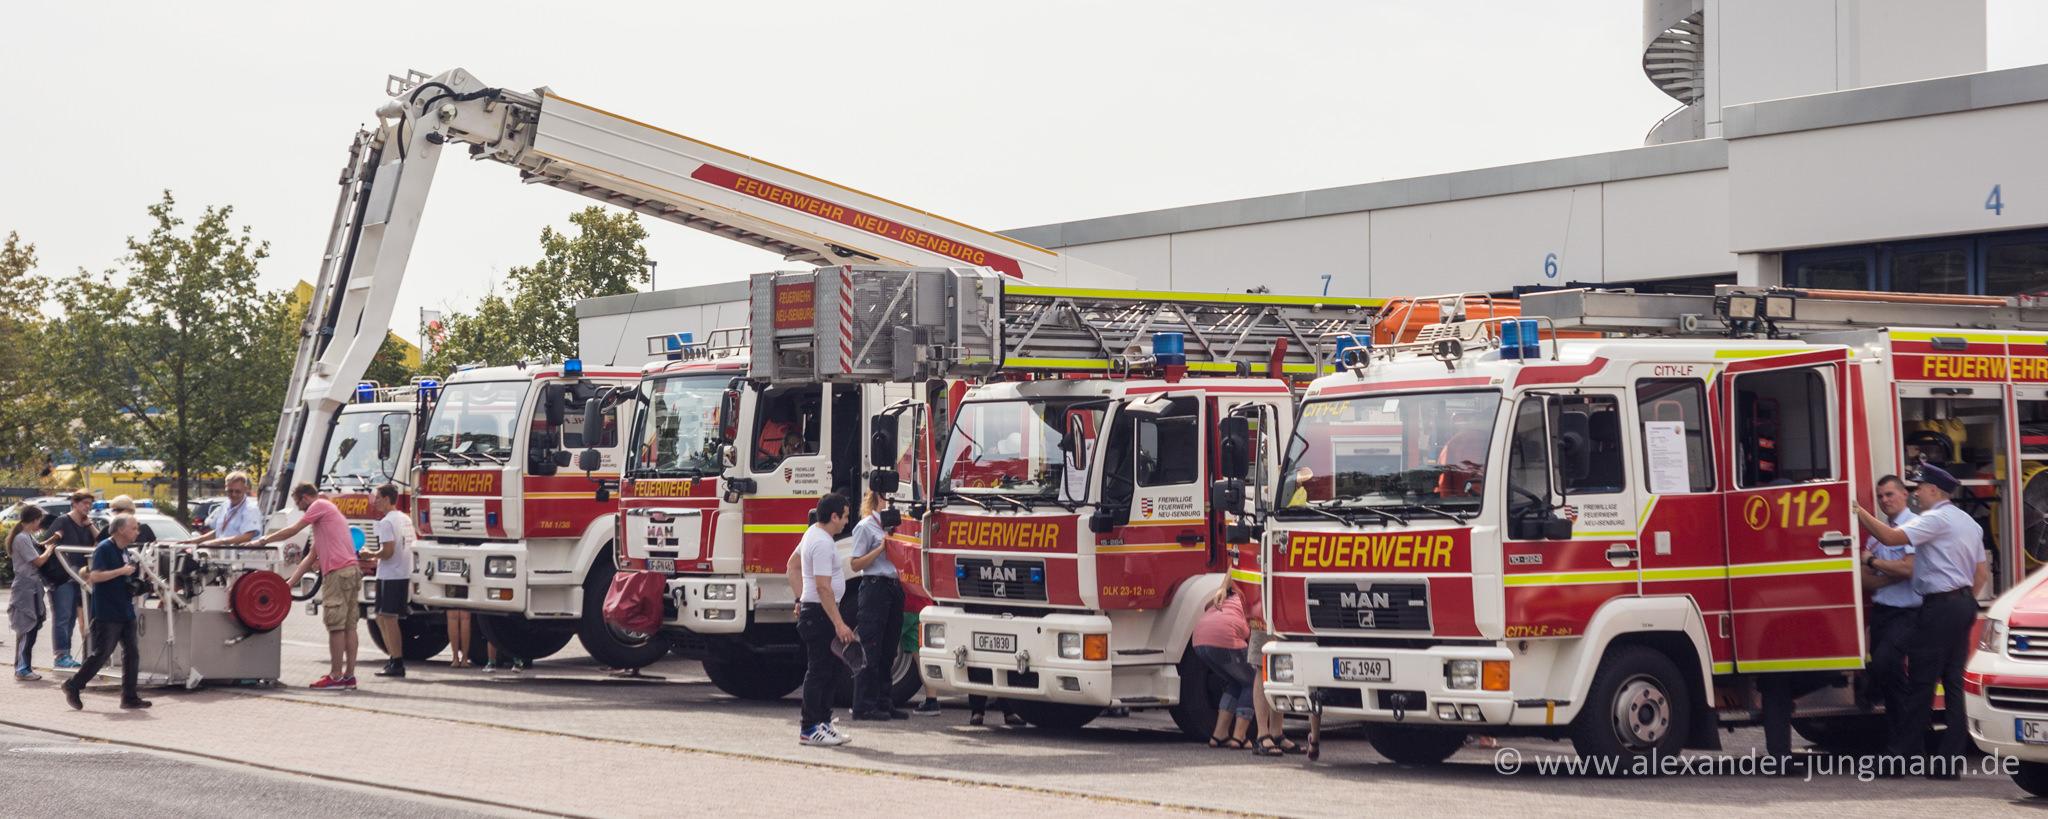 Einsatzfahrzeuge der Freiwilligen Feuerwehr